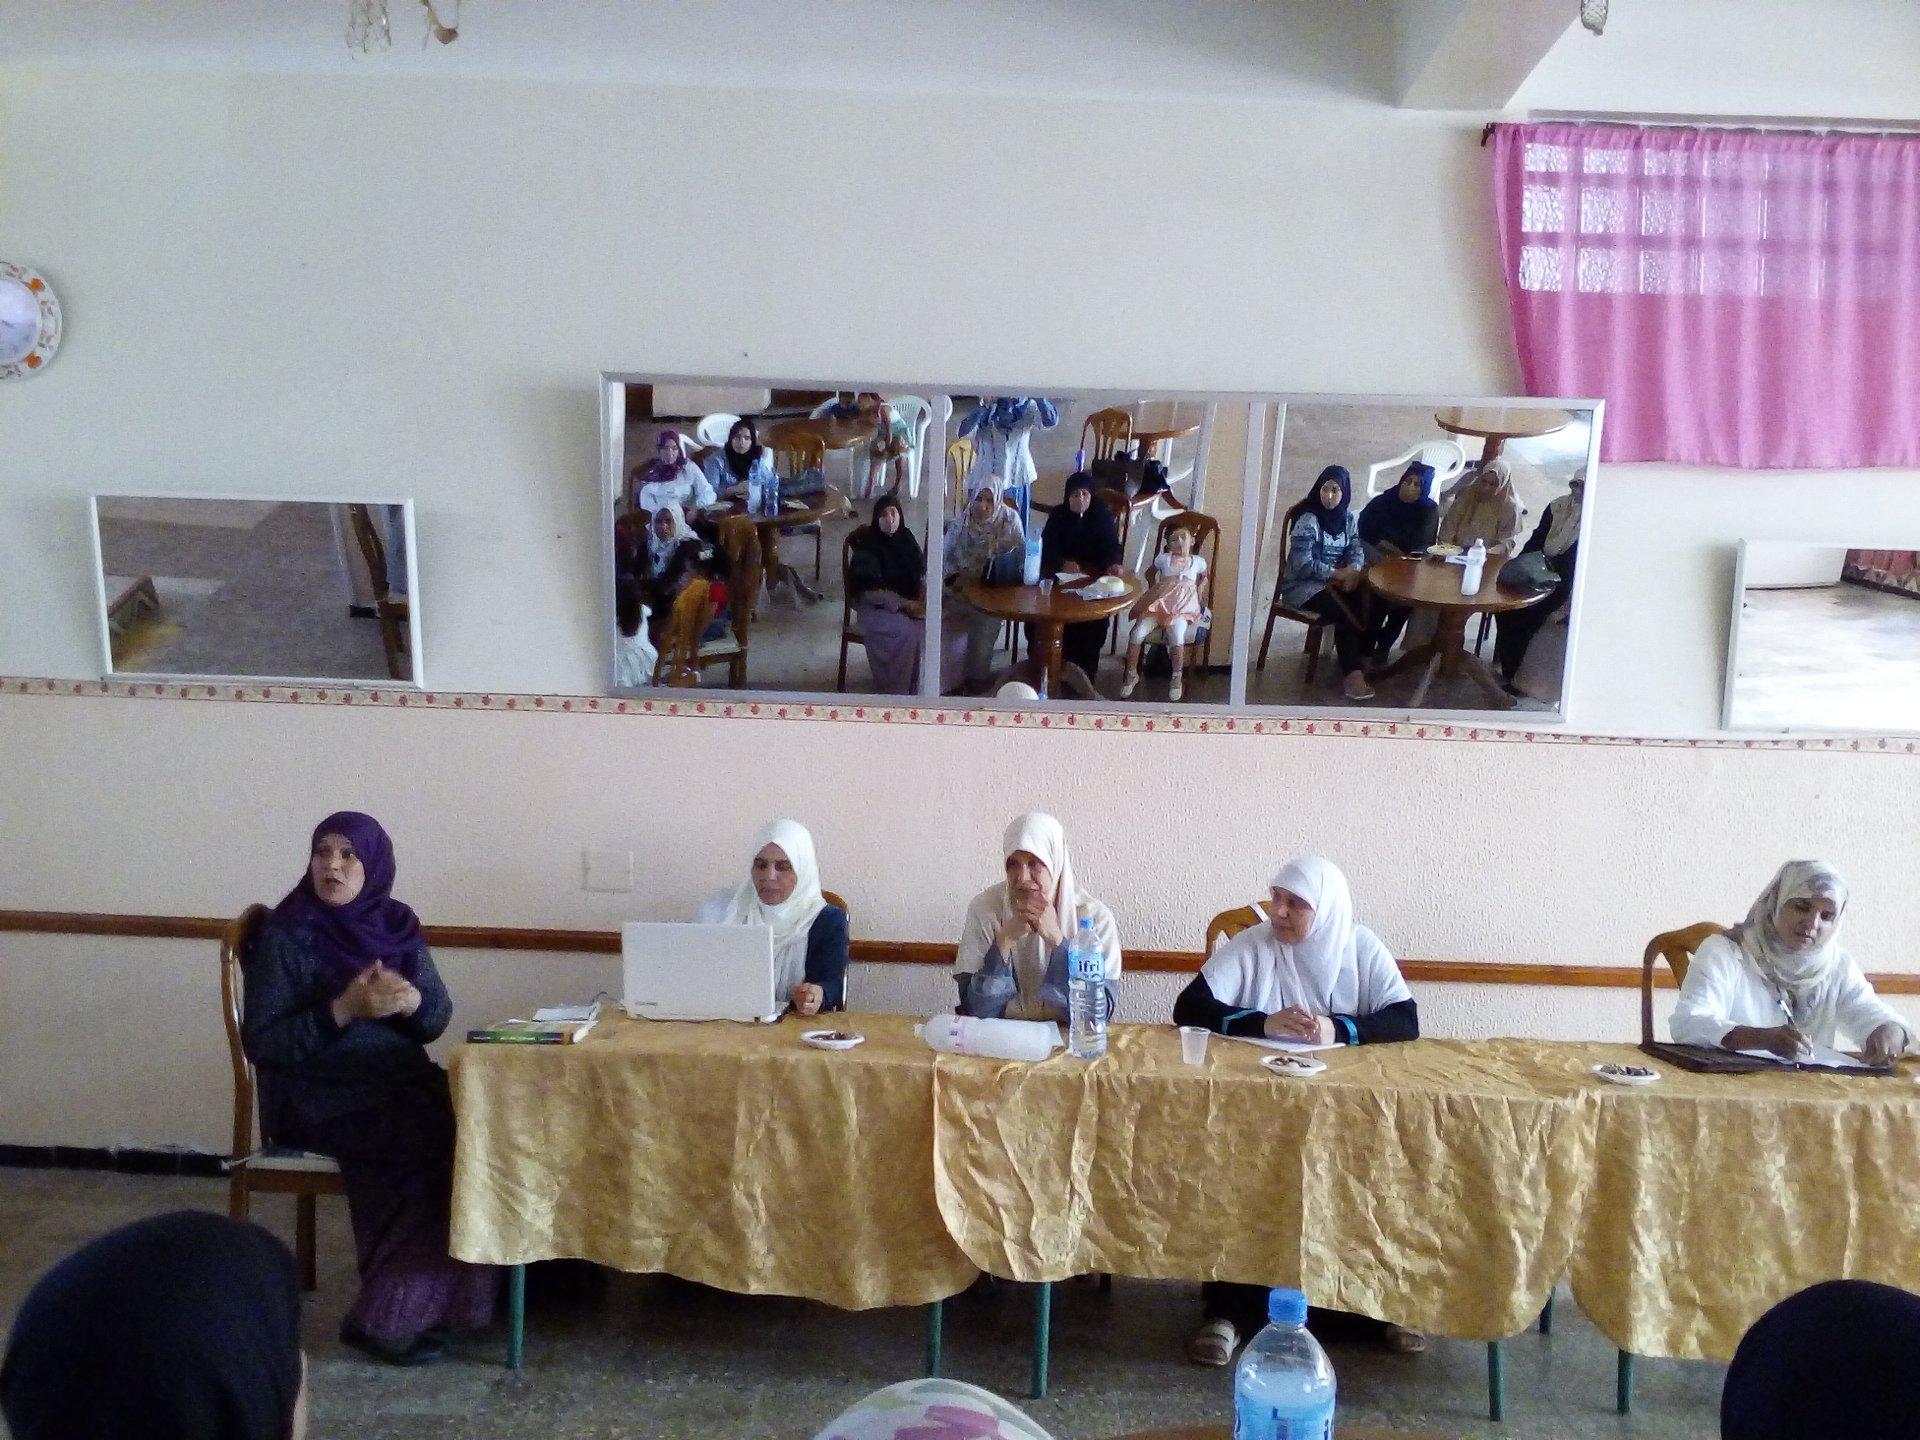 ندوة مخصصة للنساء بعنوان الأسرة الجزائرية 2 - جمعية العلماء المسلمين الجزائريين - شعبة عنابة